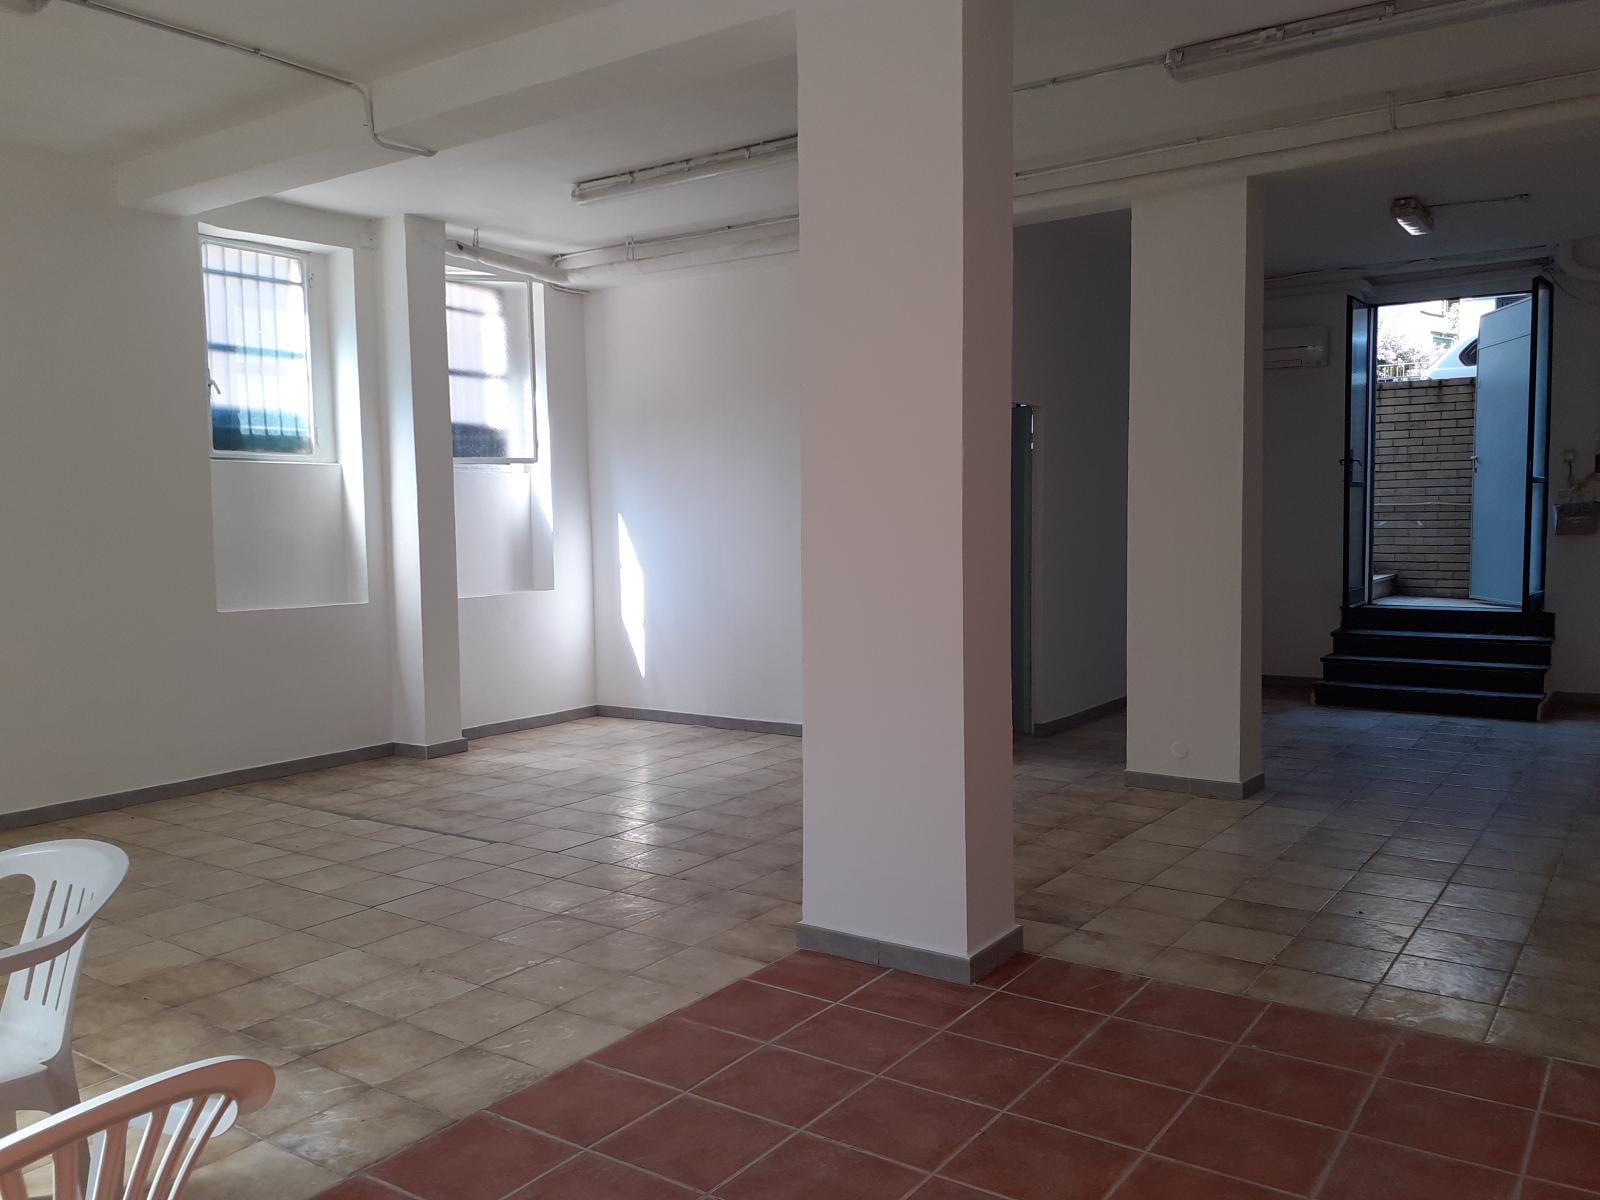 laboratorio-magazzino-in-vendita-affitto-a-baggio-milano-spaziourbano-immobiliare-vende-affitta-4